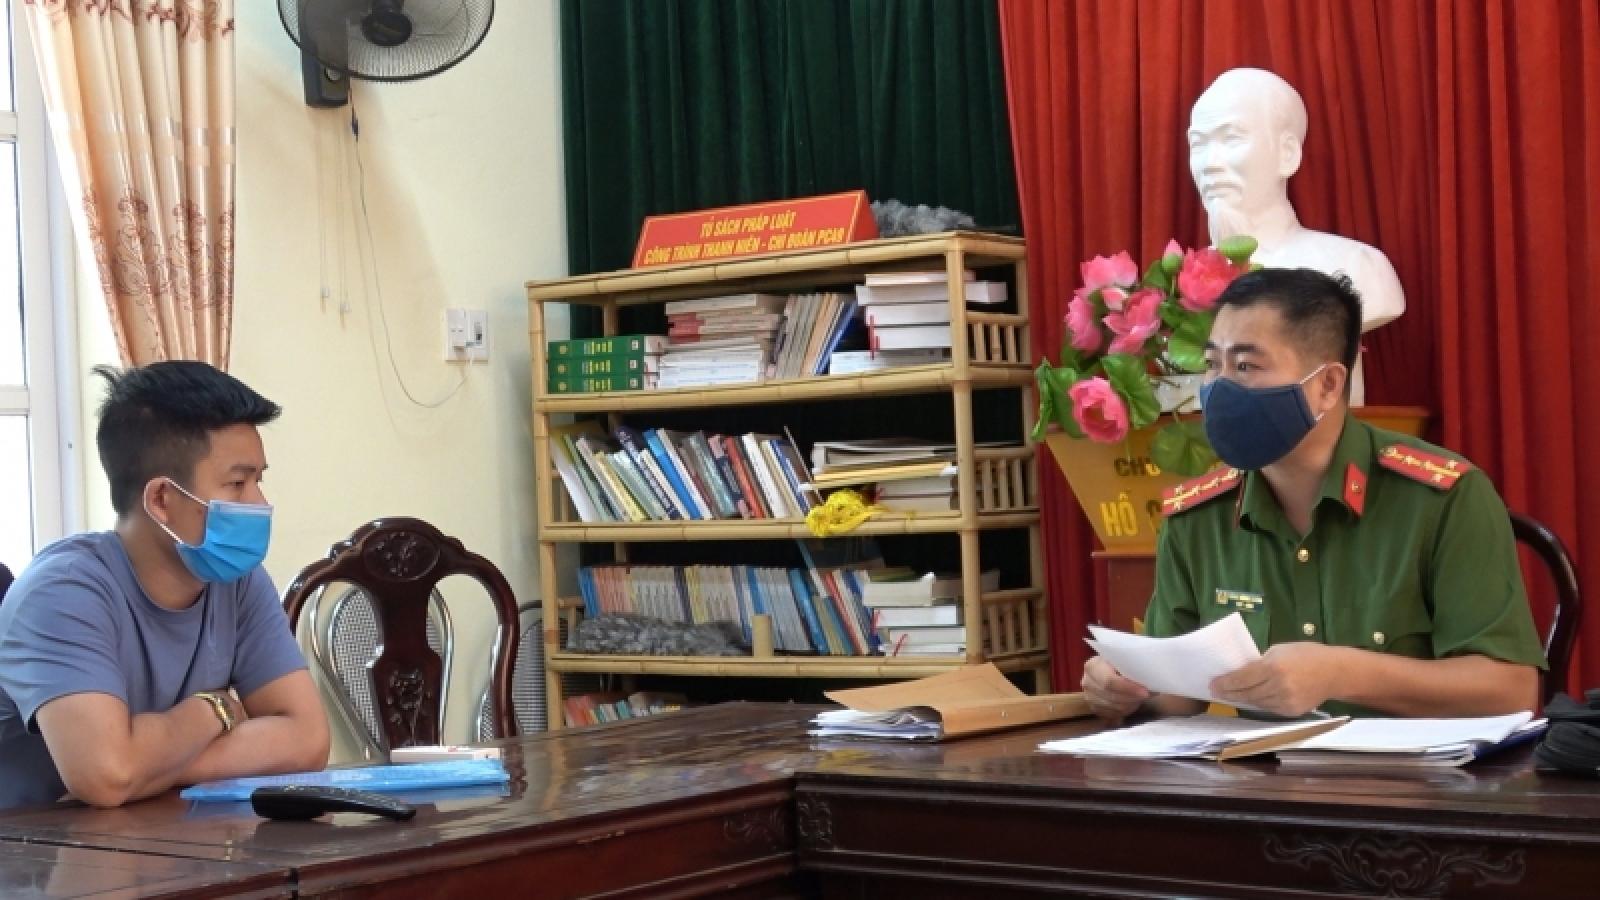 Xử phạtphòng khám nha khoa khônggiấy phép ở Cao Bằng